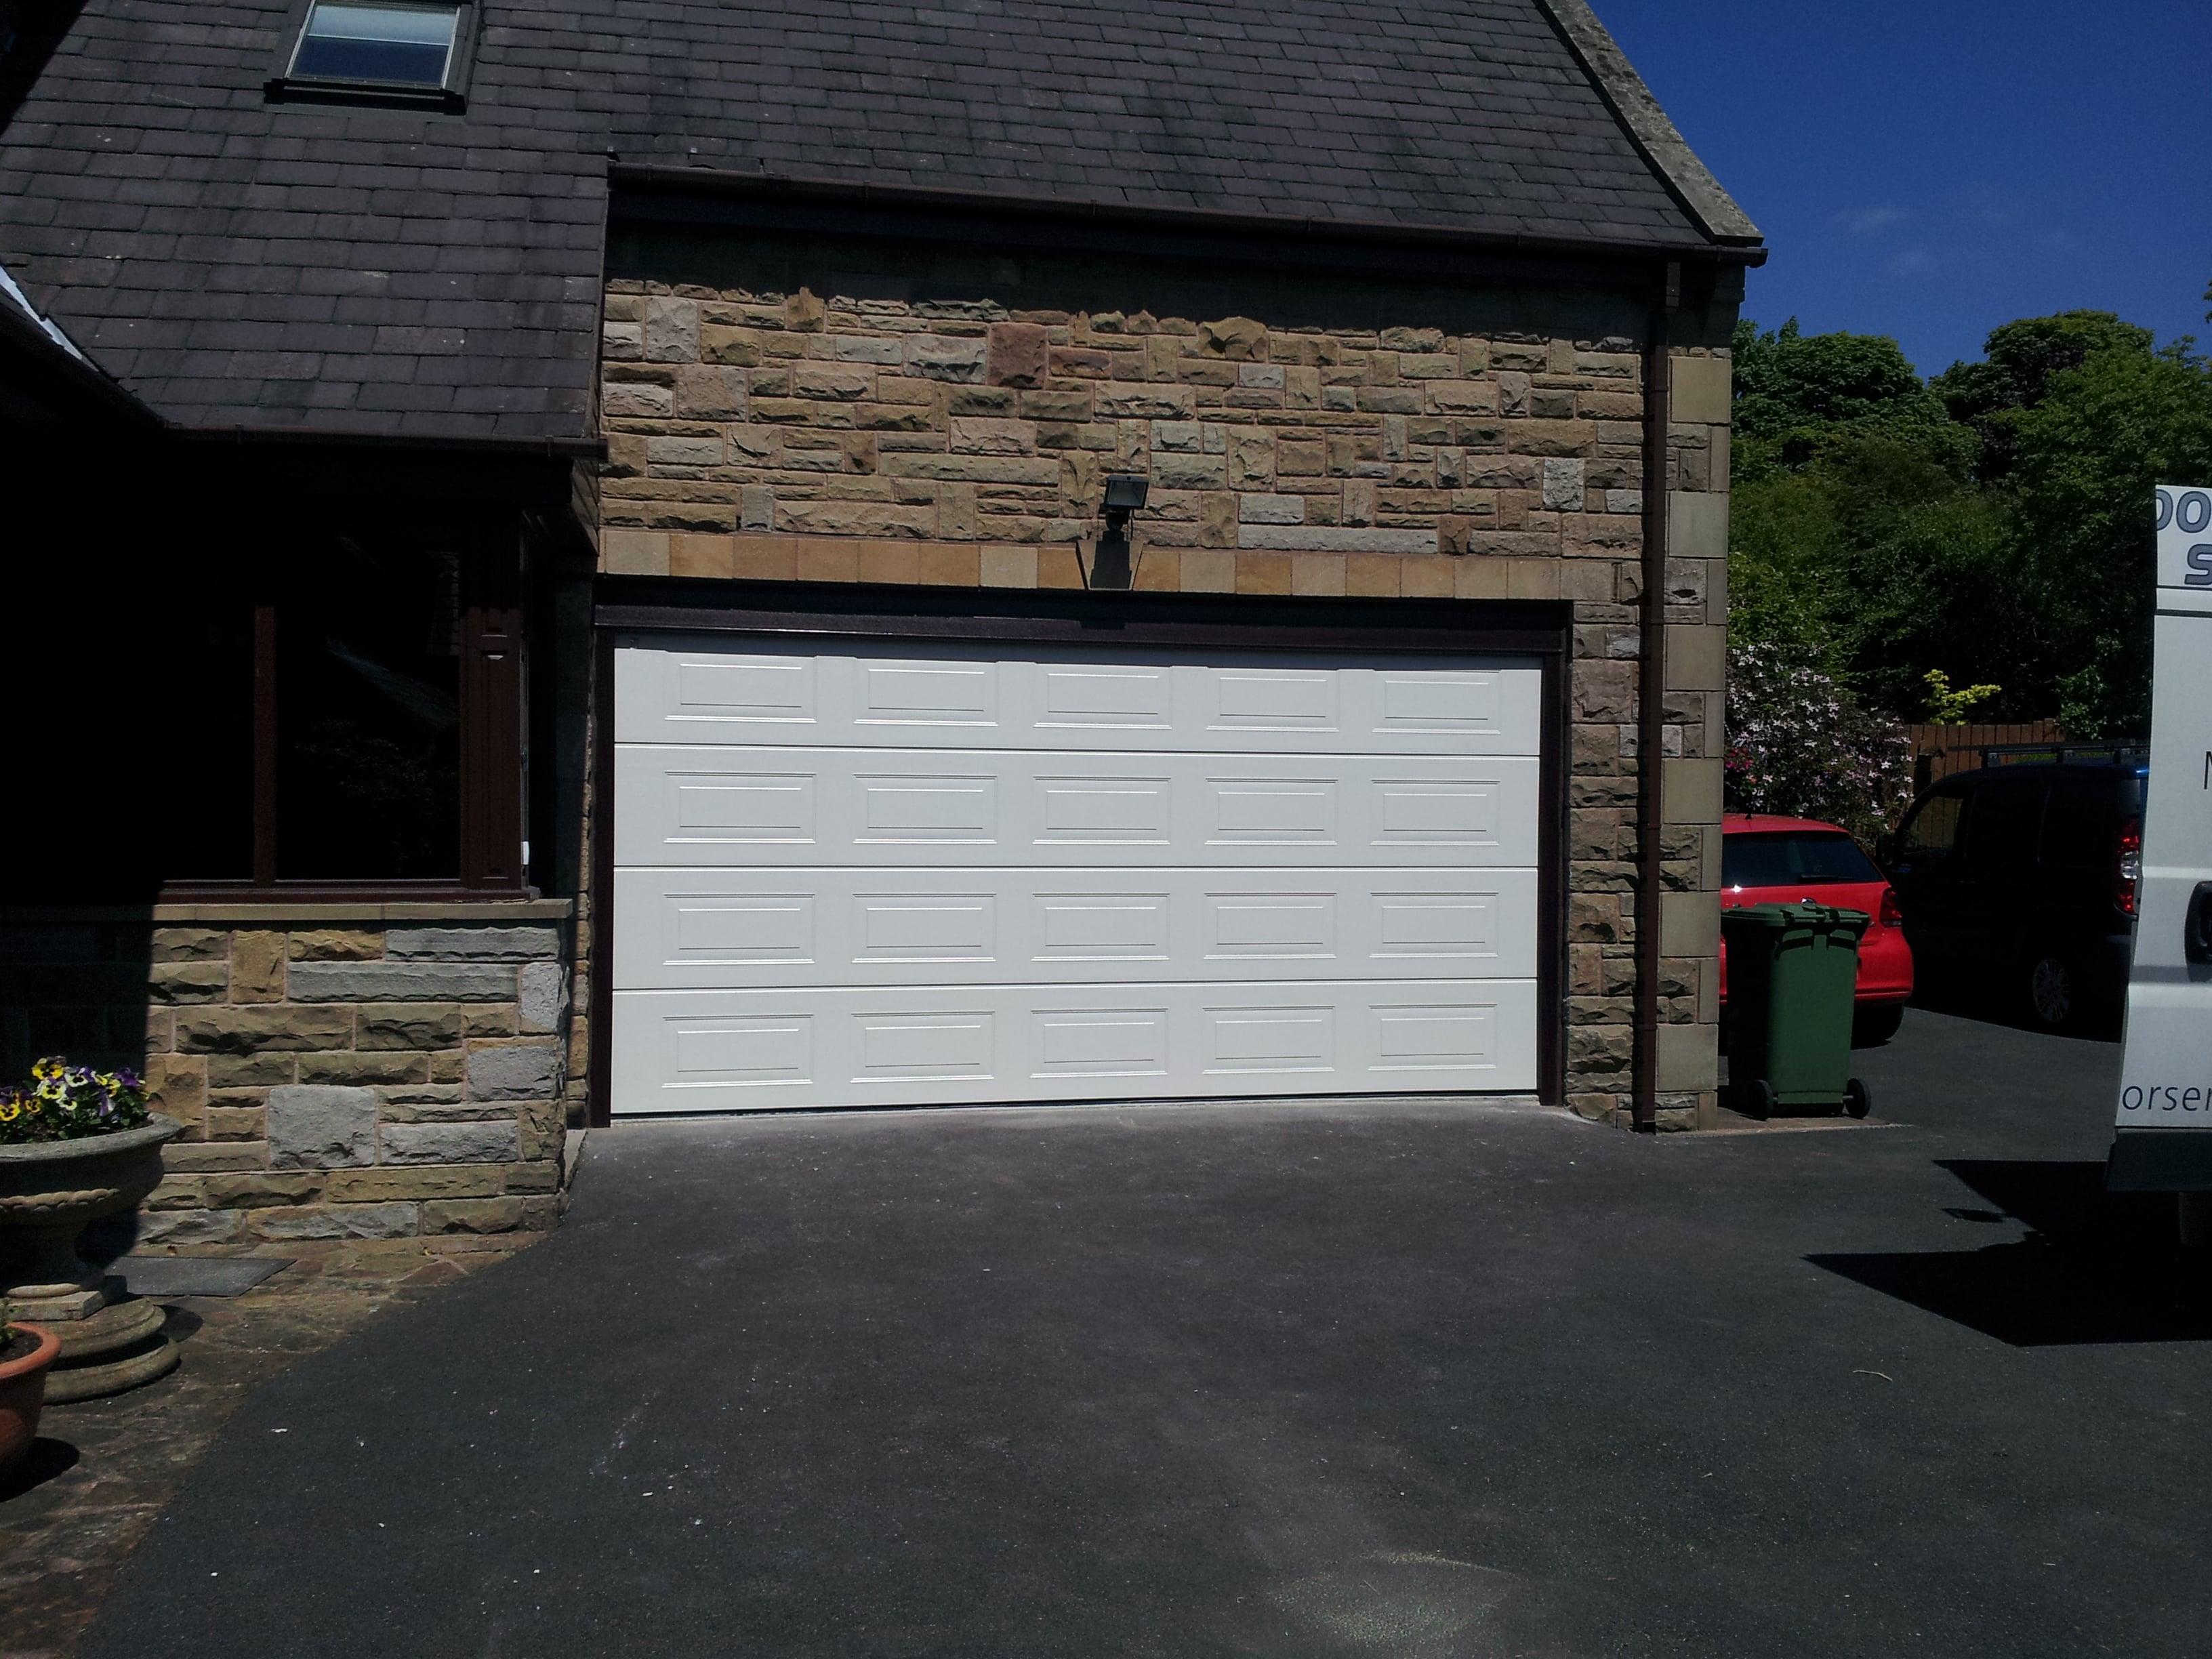 Sectional garage doors earby door services lancashire 20130815142322 20130604132633 20130913141414 20130123151027 20130326134424 20130917141302 20130917141558 20121003122130c rubansaba